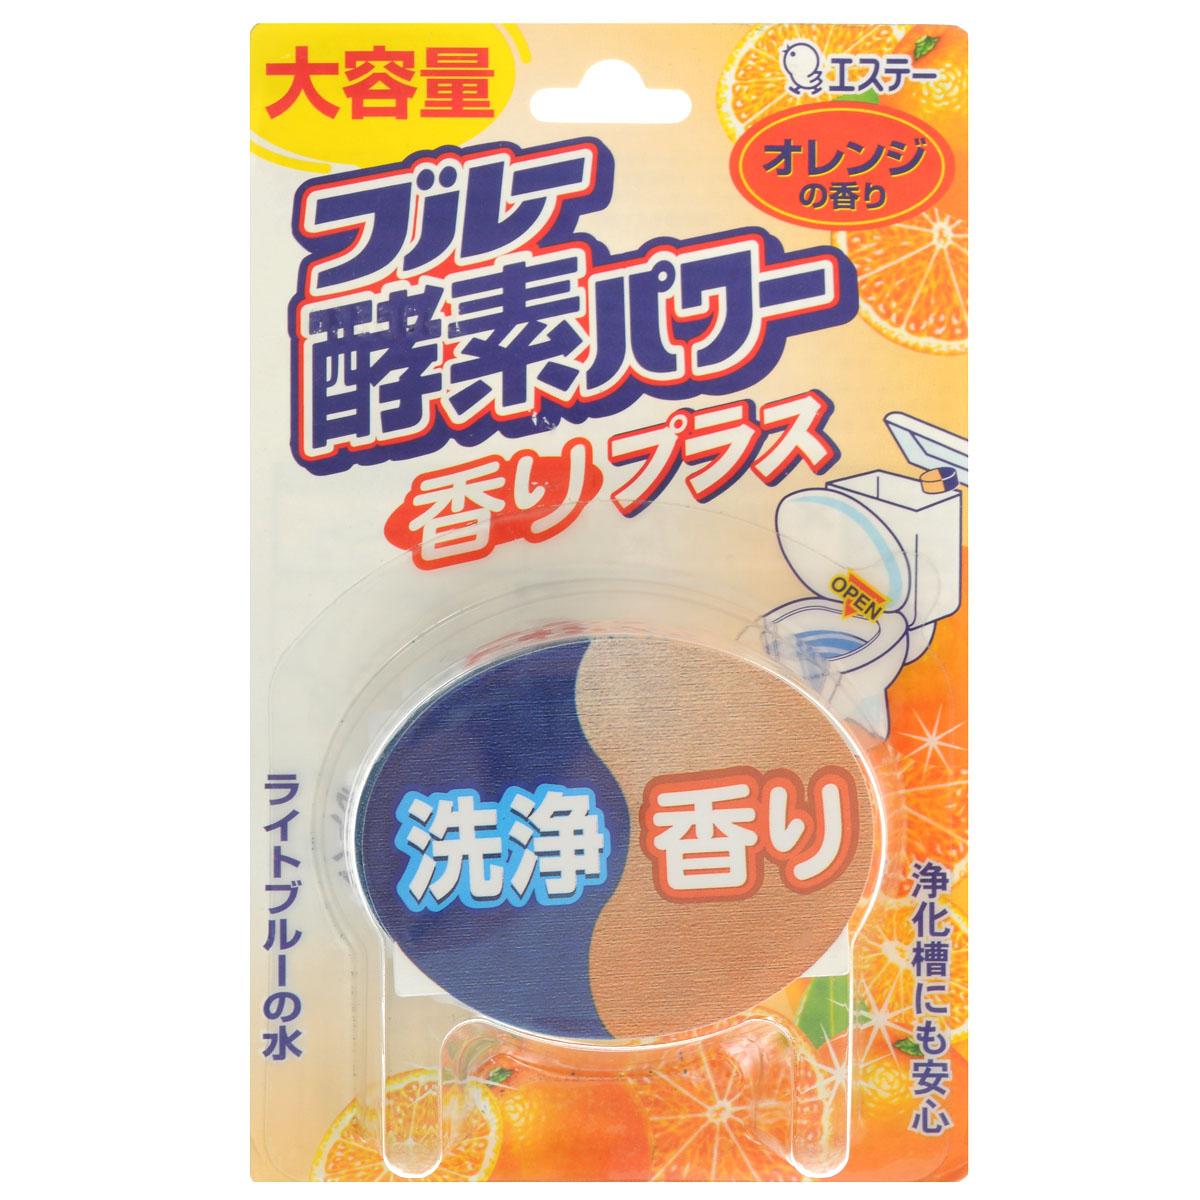 Таблетка очищающая ST Blue Enzyme Power для бачка унитаза, с ароматом апельсина, 120 г115426Ароматизирующая таблетка ST Blue Enzyme Power с ферментам, предназначена для очищения и дезинфекции унитаза. Таблетка для унитаза содержит энзимы, расщепляющие стойкие загрязнения. Таблетка создает ощущение чистоты и свежести, распространяя аромат апельсина и окрашивая воду в голубой цвет. Достаточно положить таблетку в сливной бачок и вода голубого цвета вымоет и продезинфицирует внутреннюю часть унитаза. В состав входит хелатный агент, который обволакивает взвесь грязи в воде, а также удаляет ржавчину и препятствует загрязнению внутренней поверхности унитаза. Большой объем продукта гарантирует длительное использование. Не кладите таблетку в центр бачка, чтобы избежать закупоривания. Не хранить в местах, доступных для детей. Хранить при комнатной температуре вдали от отопительных приборов и действия прямых солнечных лучей. Состав: отдушка, анионное поверхностно-активное вещество, краситель, хелатный агент, энзимы, отбеливатель. Товар...